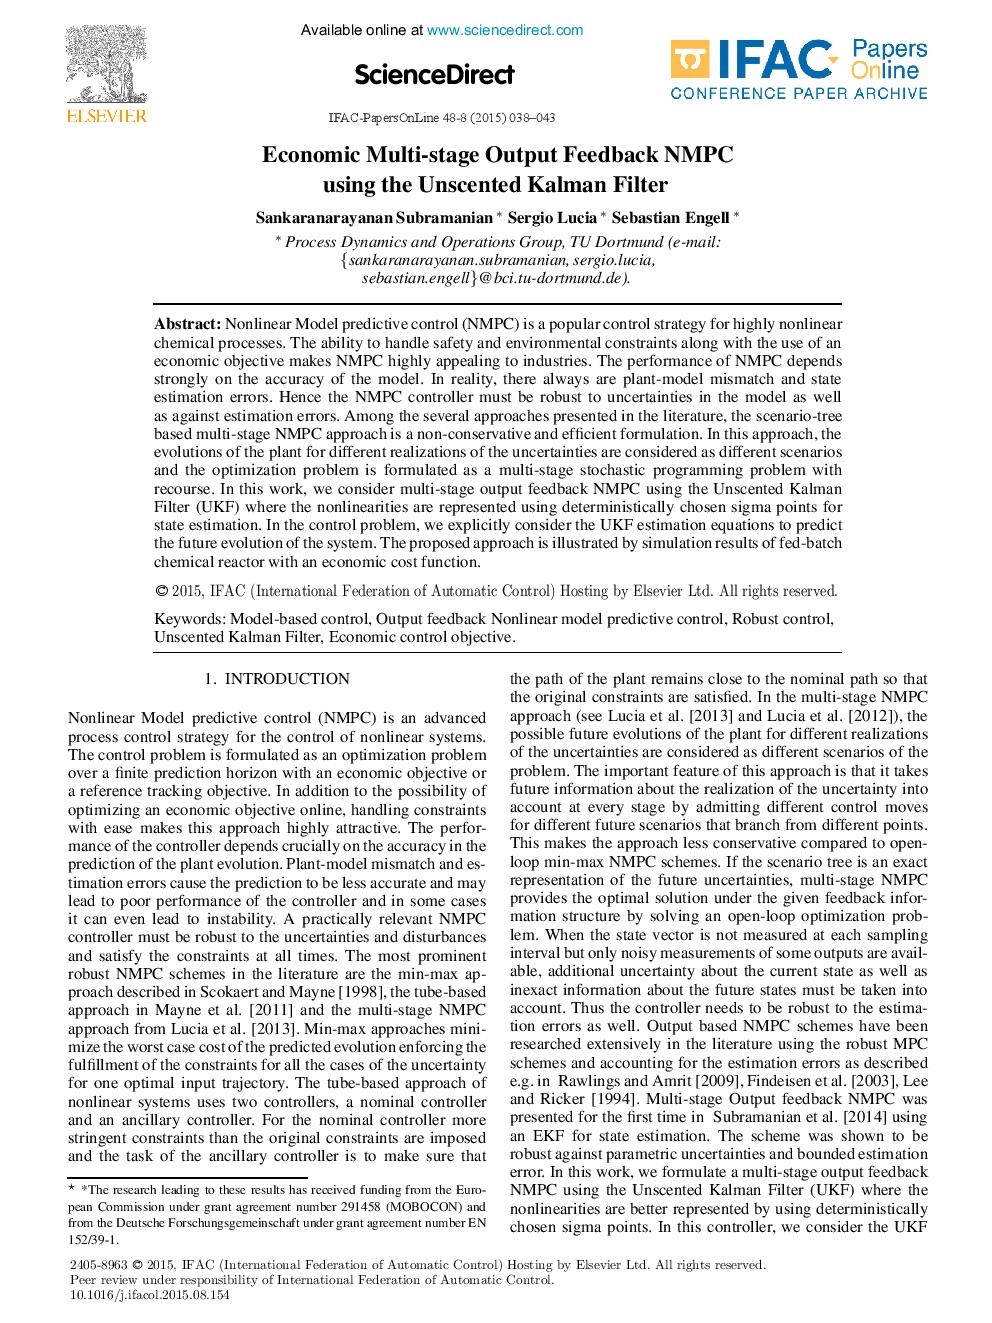 pdf La Nef du crépuscule (L\'Assassin royal, tome 3) 2002